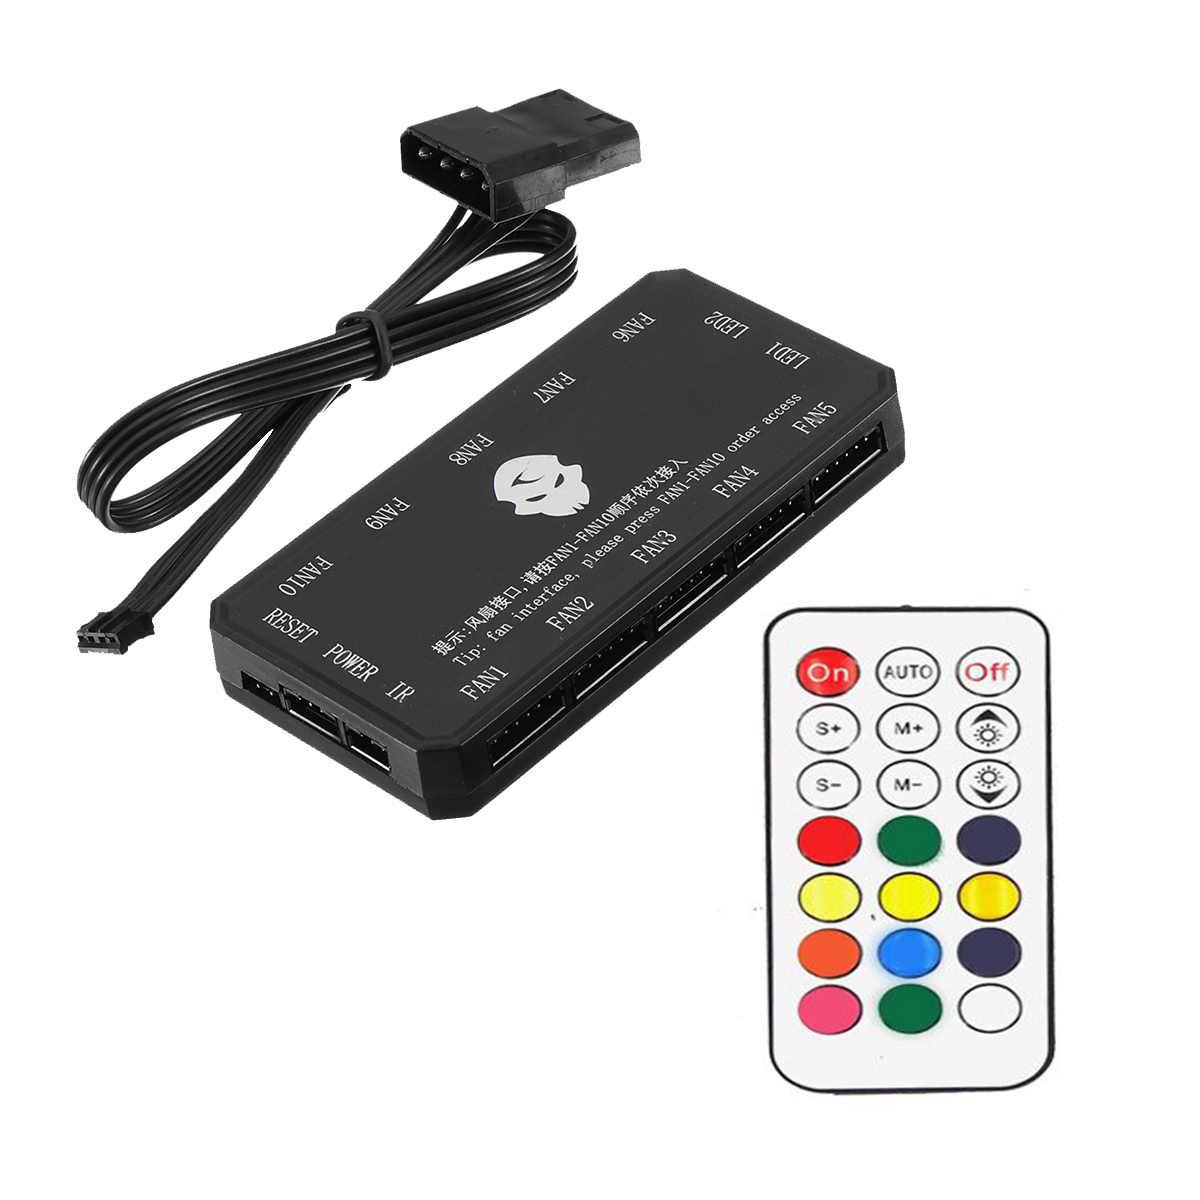 Дистанционное управление + вентилятор управление Лер RGB светодиодный свет 16 ключ чехол для компьютера RF Радио Частота вставлен 8 вентилято